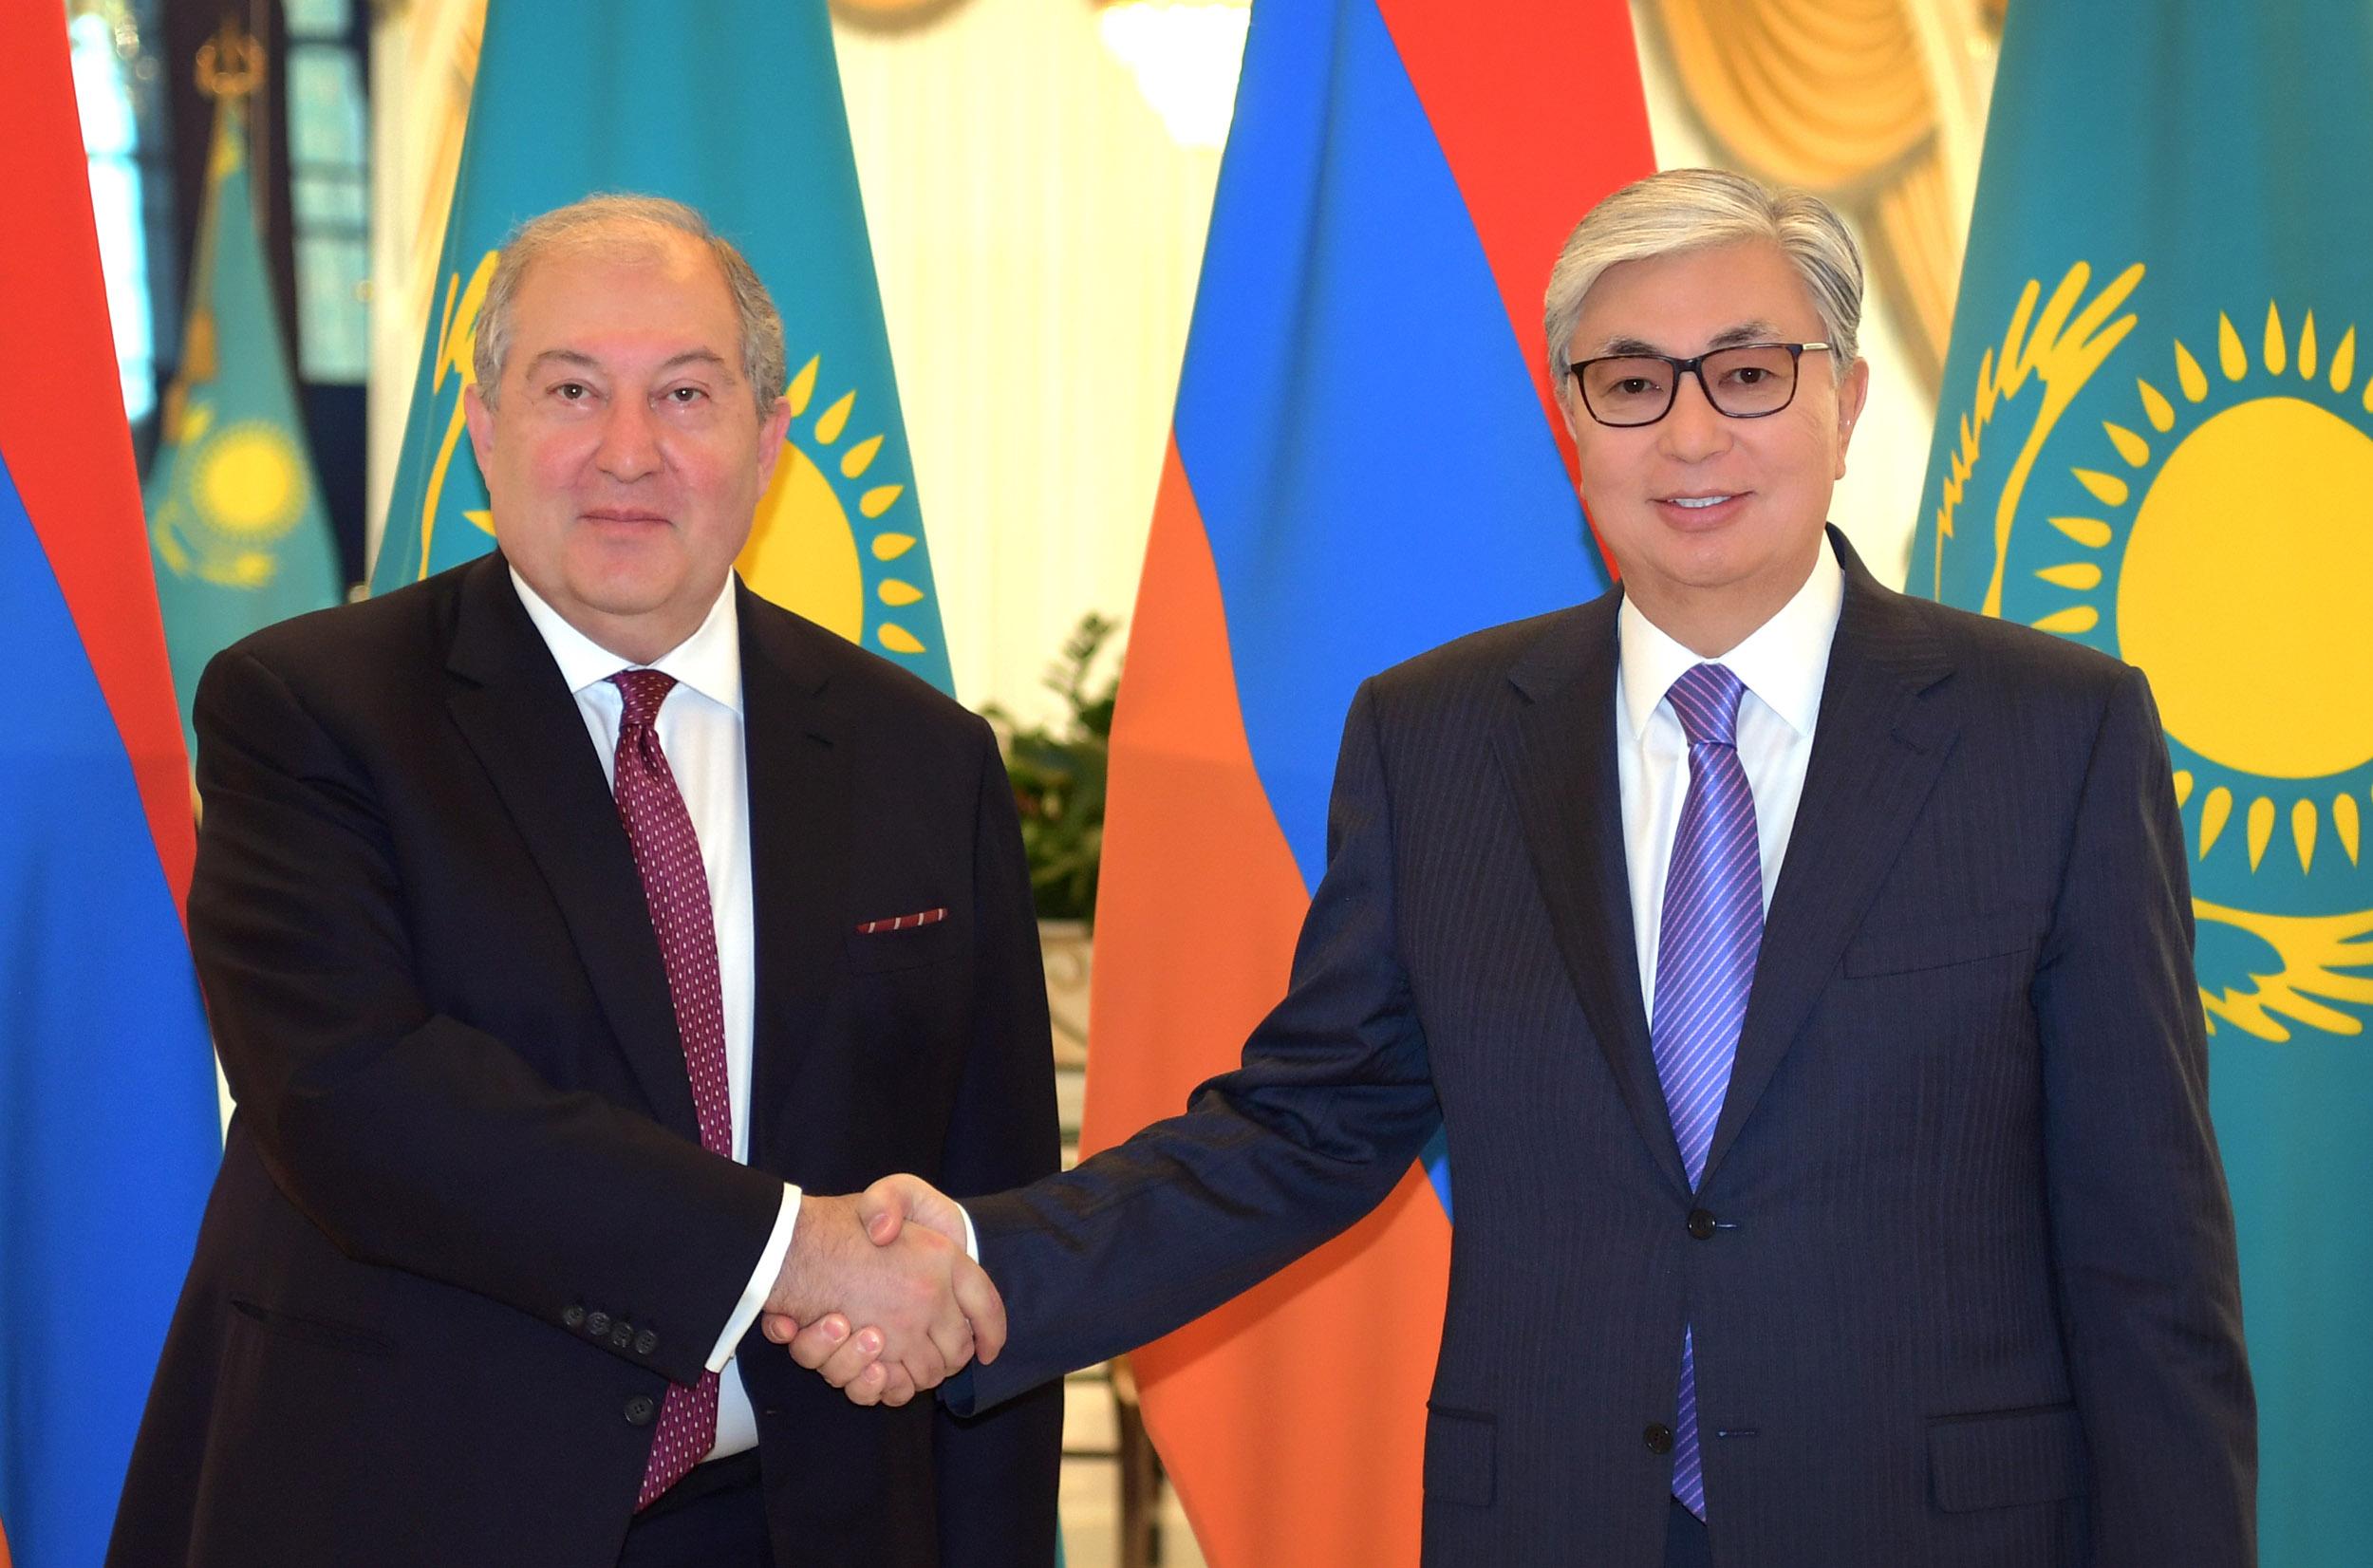 Президенты Казахстана и Армении намерены расширять сотрудничество в экономике